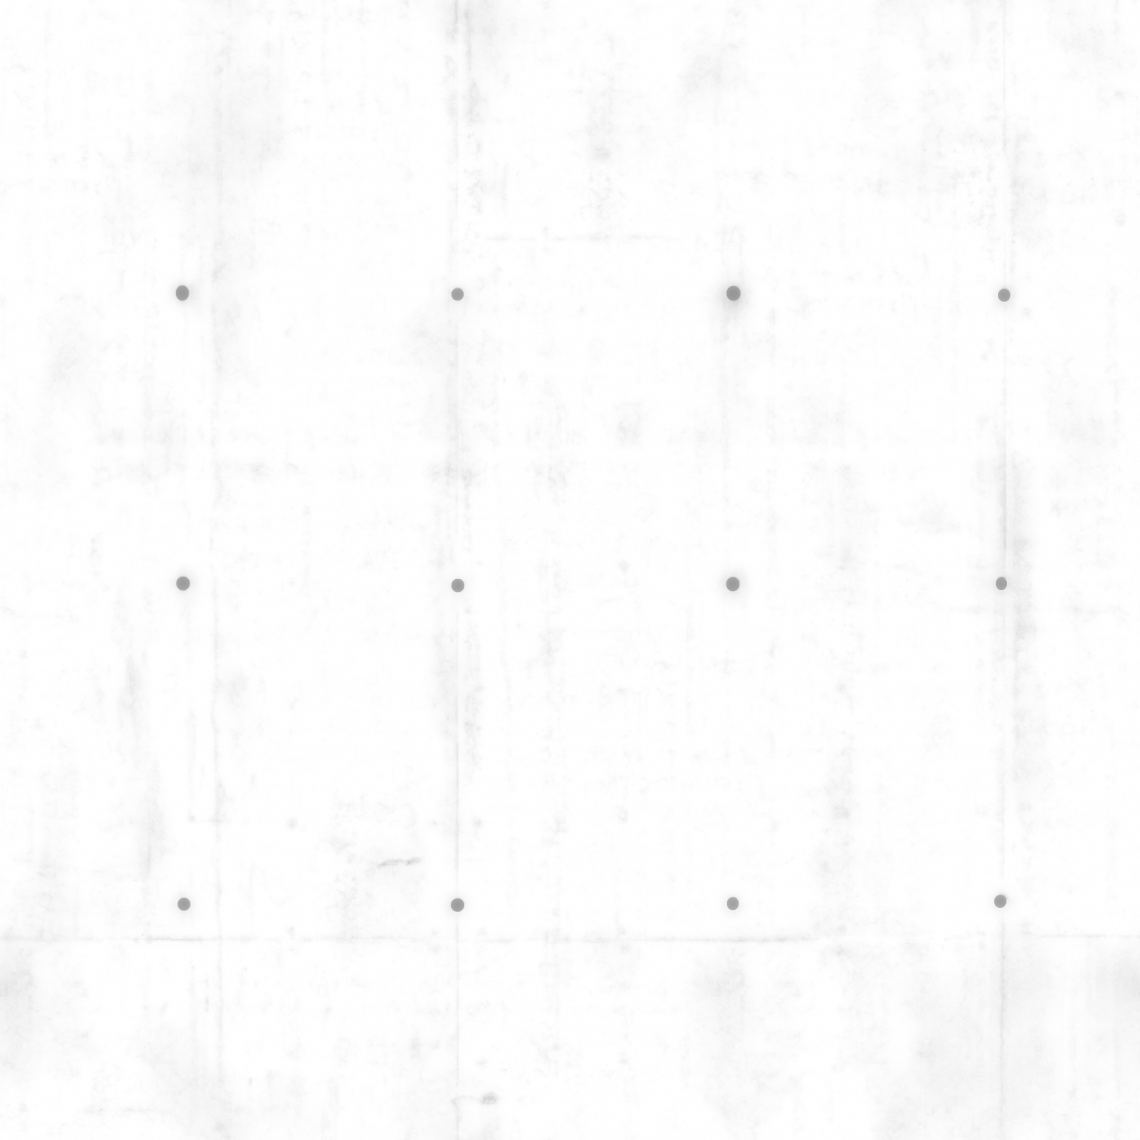 Concrete-Plain-09-Ambient-Occlusion